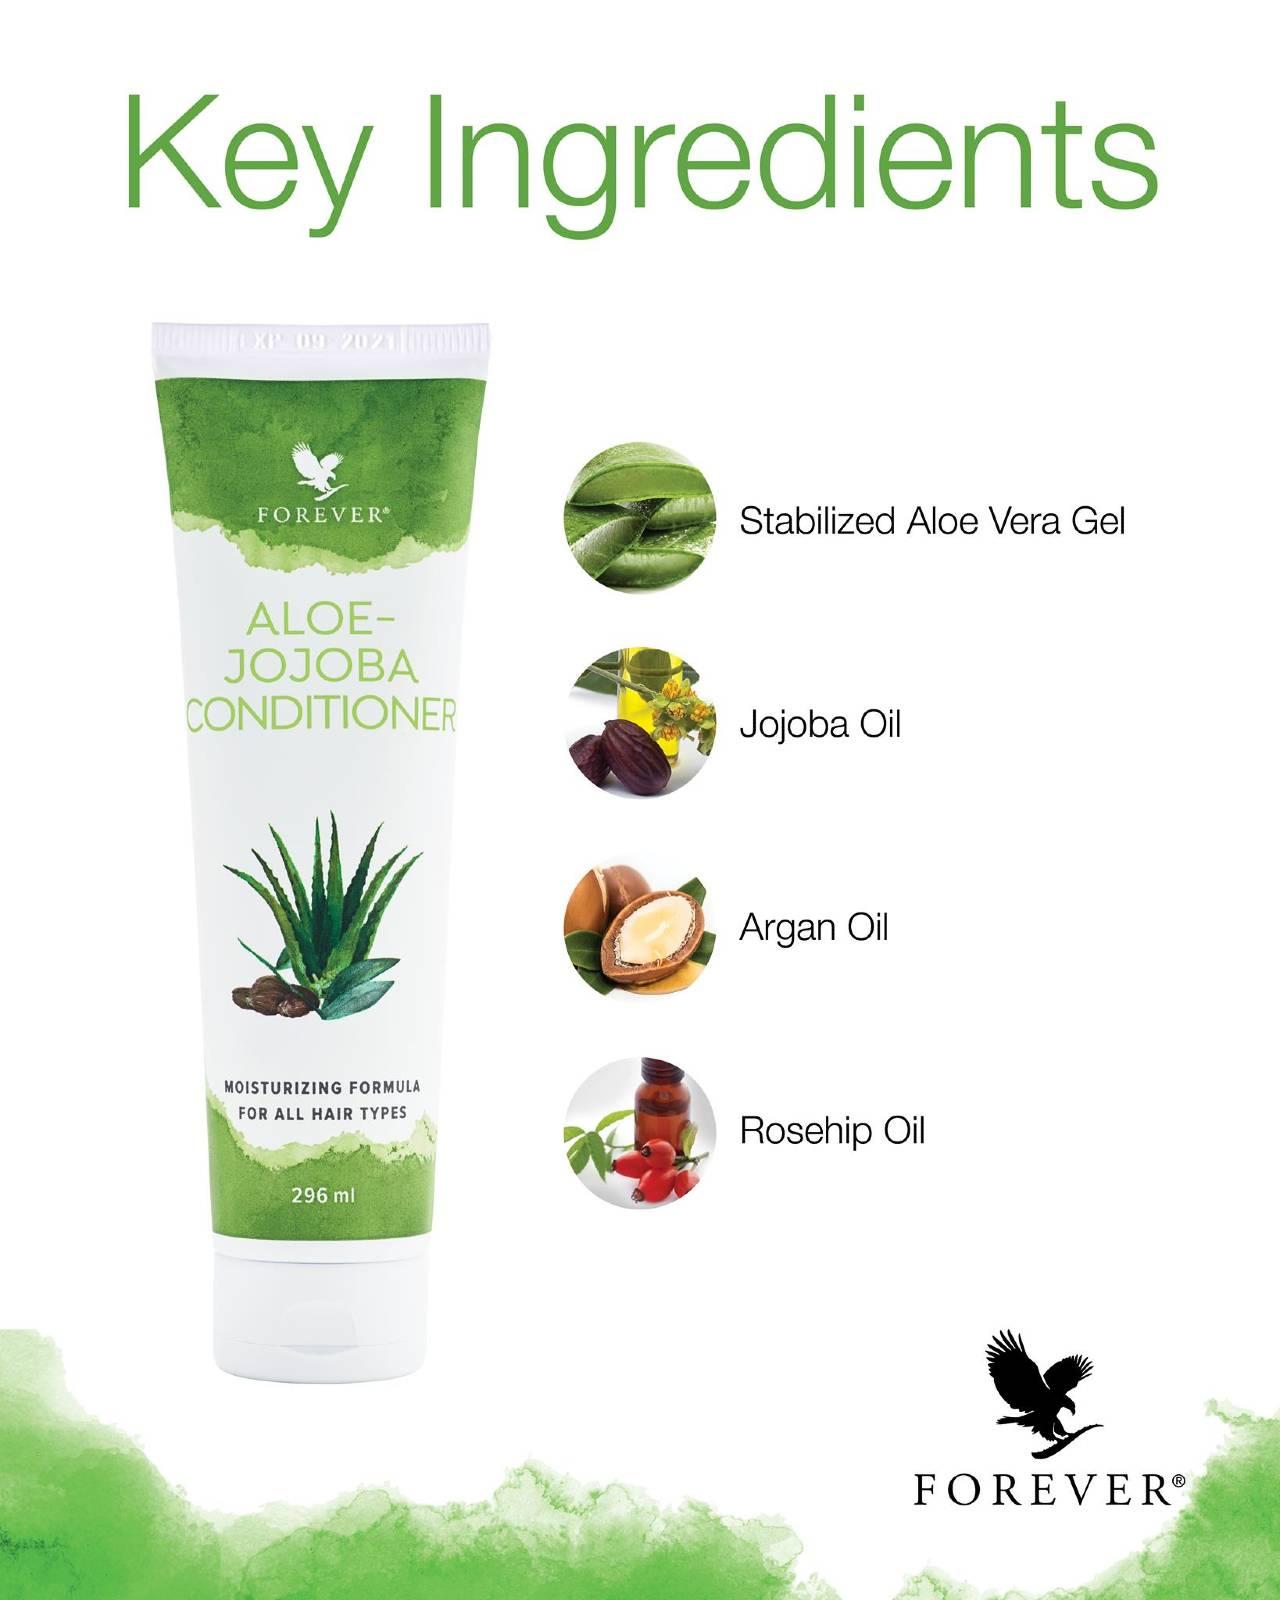 Aloe Jojoba Conditioner Ingredients